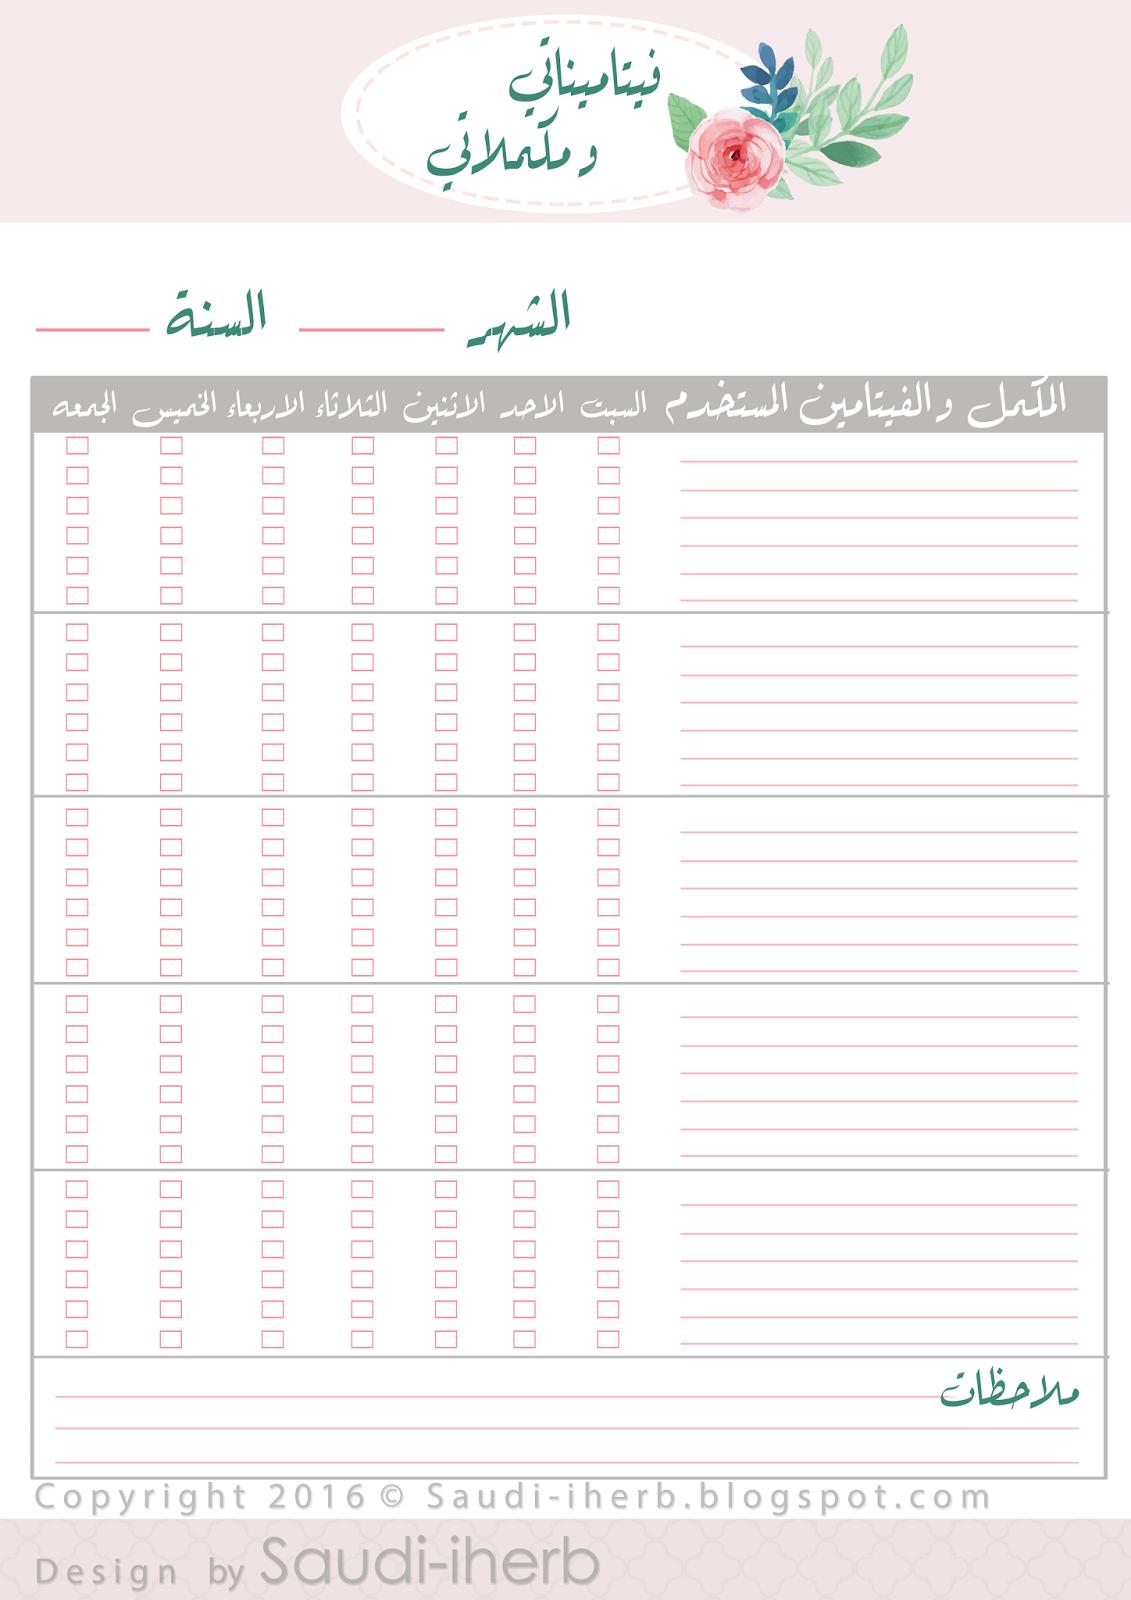 جداول تشجيعية للعناية بالبشرة و متابعة الرجيم منظم جدول تحفيزي لروتين للعنابة و الرشاقة و التم Print Planner Life Planner Organization Weekly Planner Printable